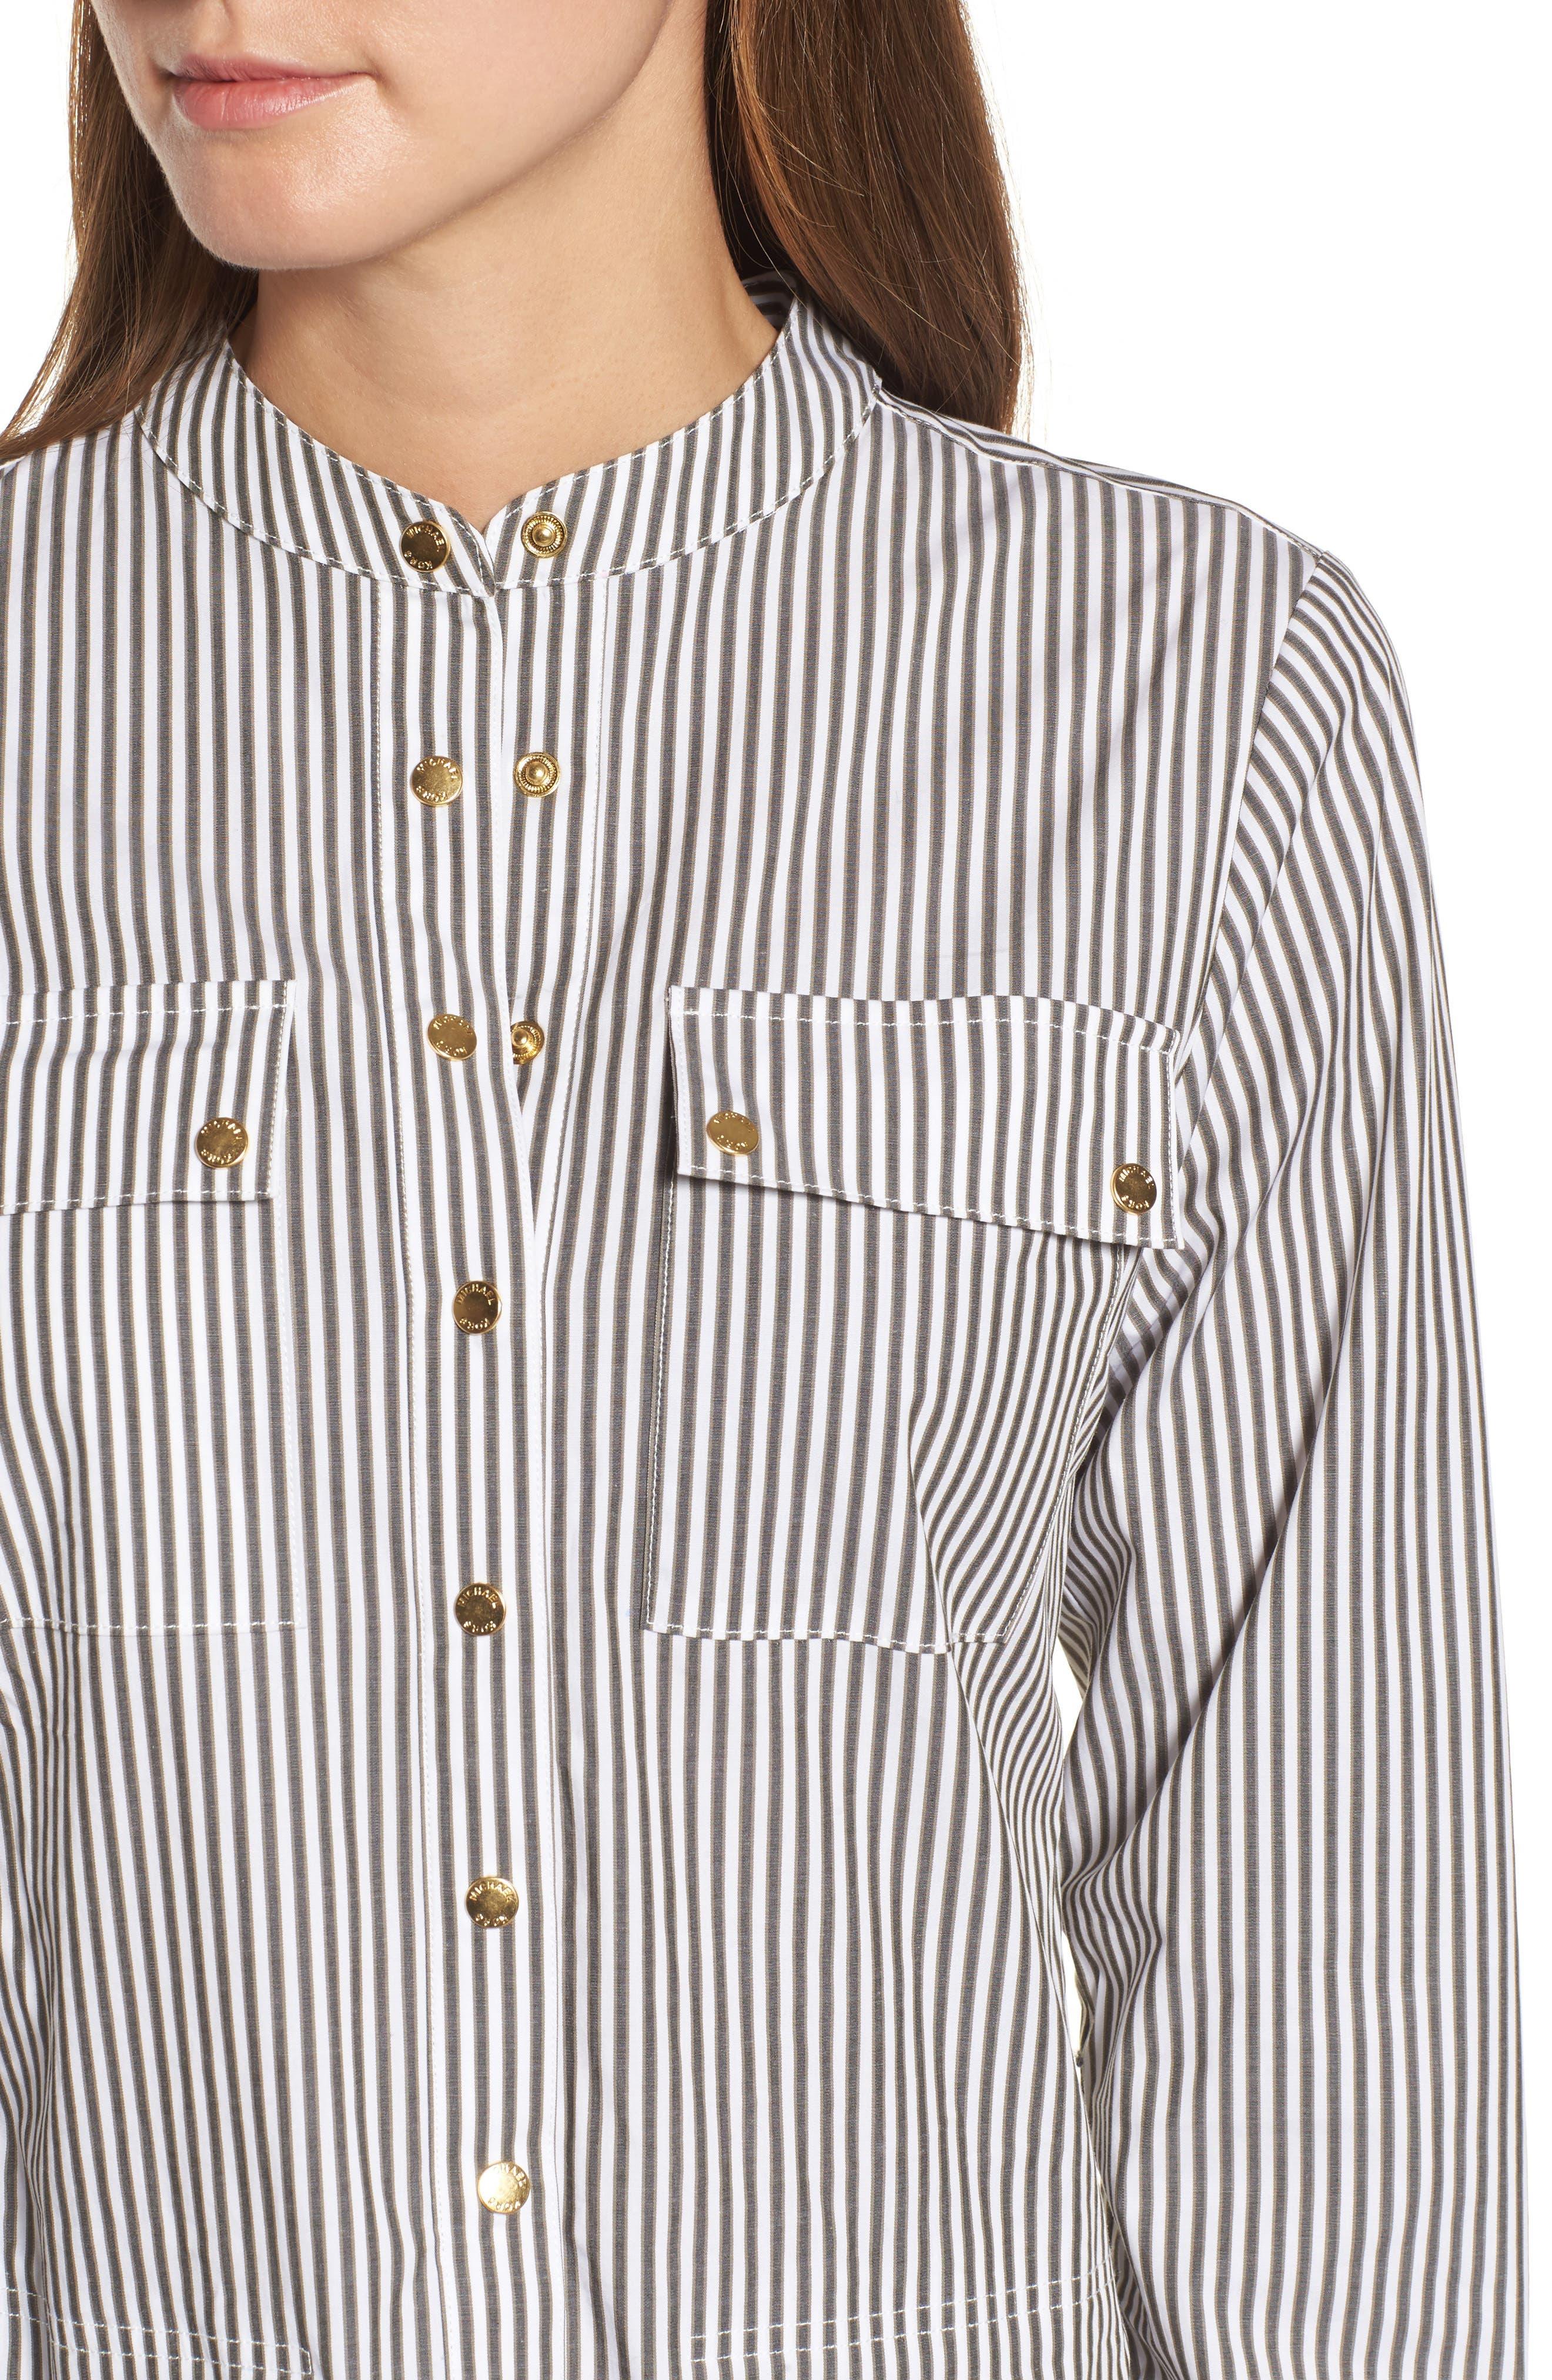 Stripe Button Down Shirtdress,                             Alternate thumbnail 4, color,                             345